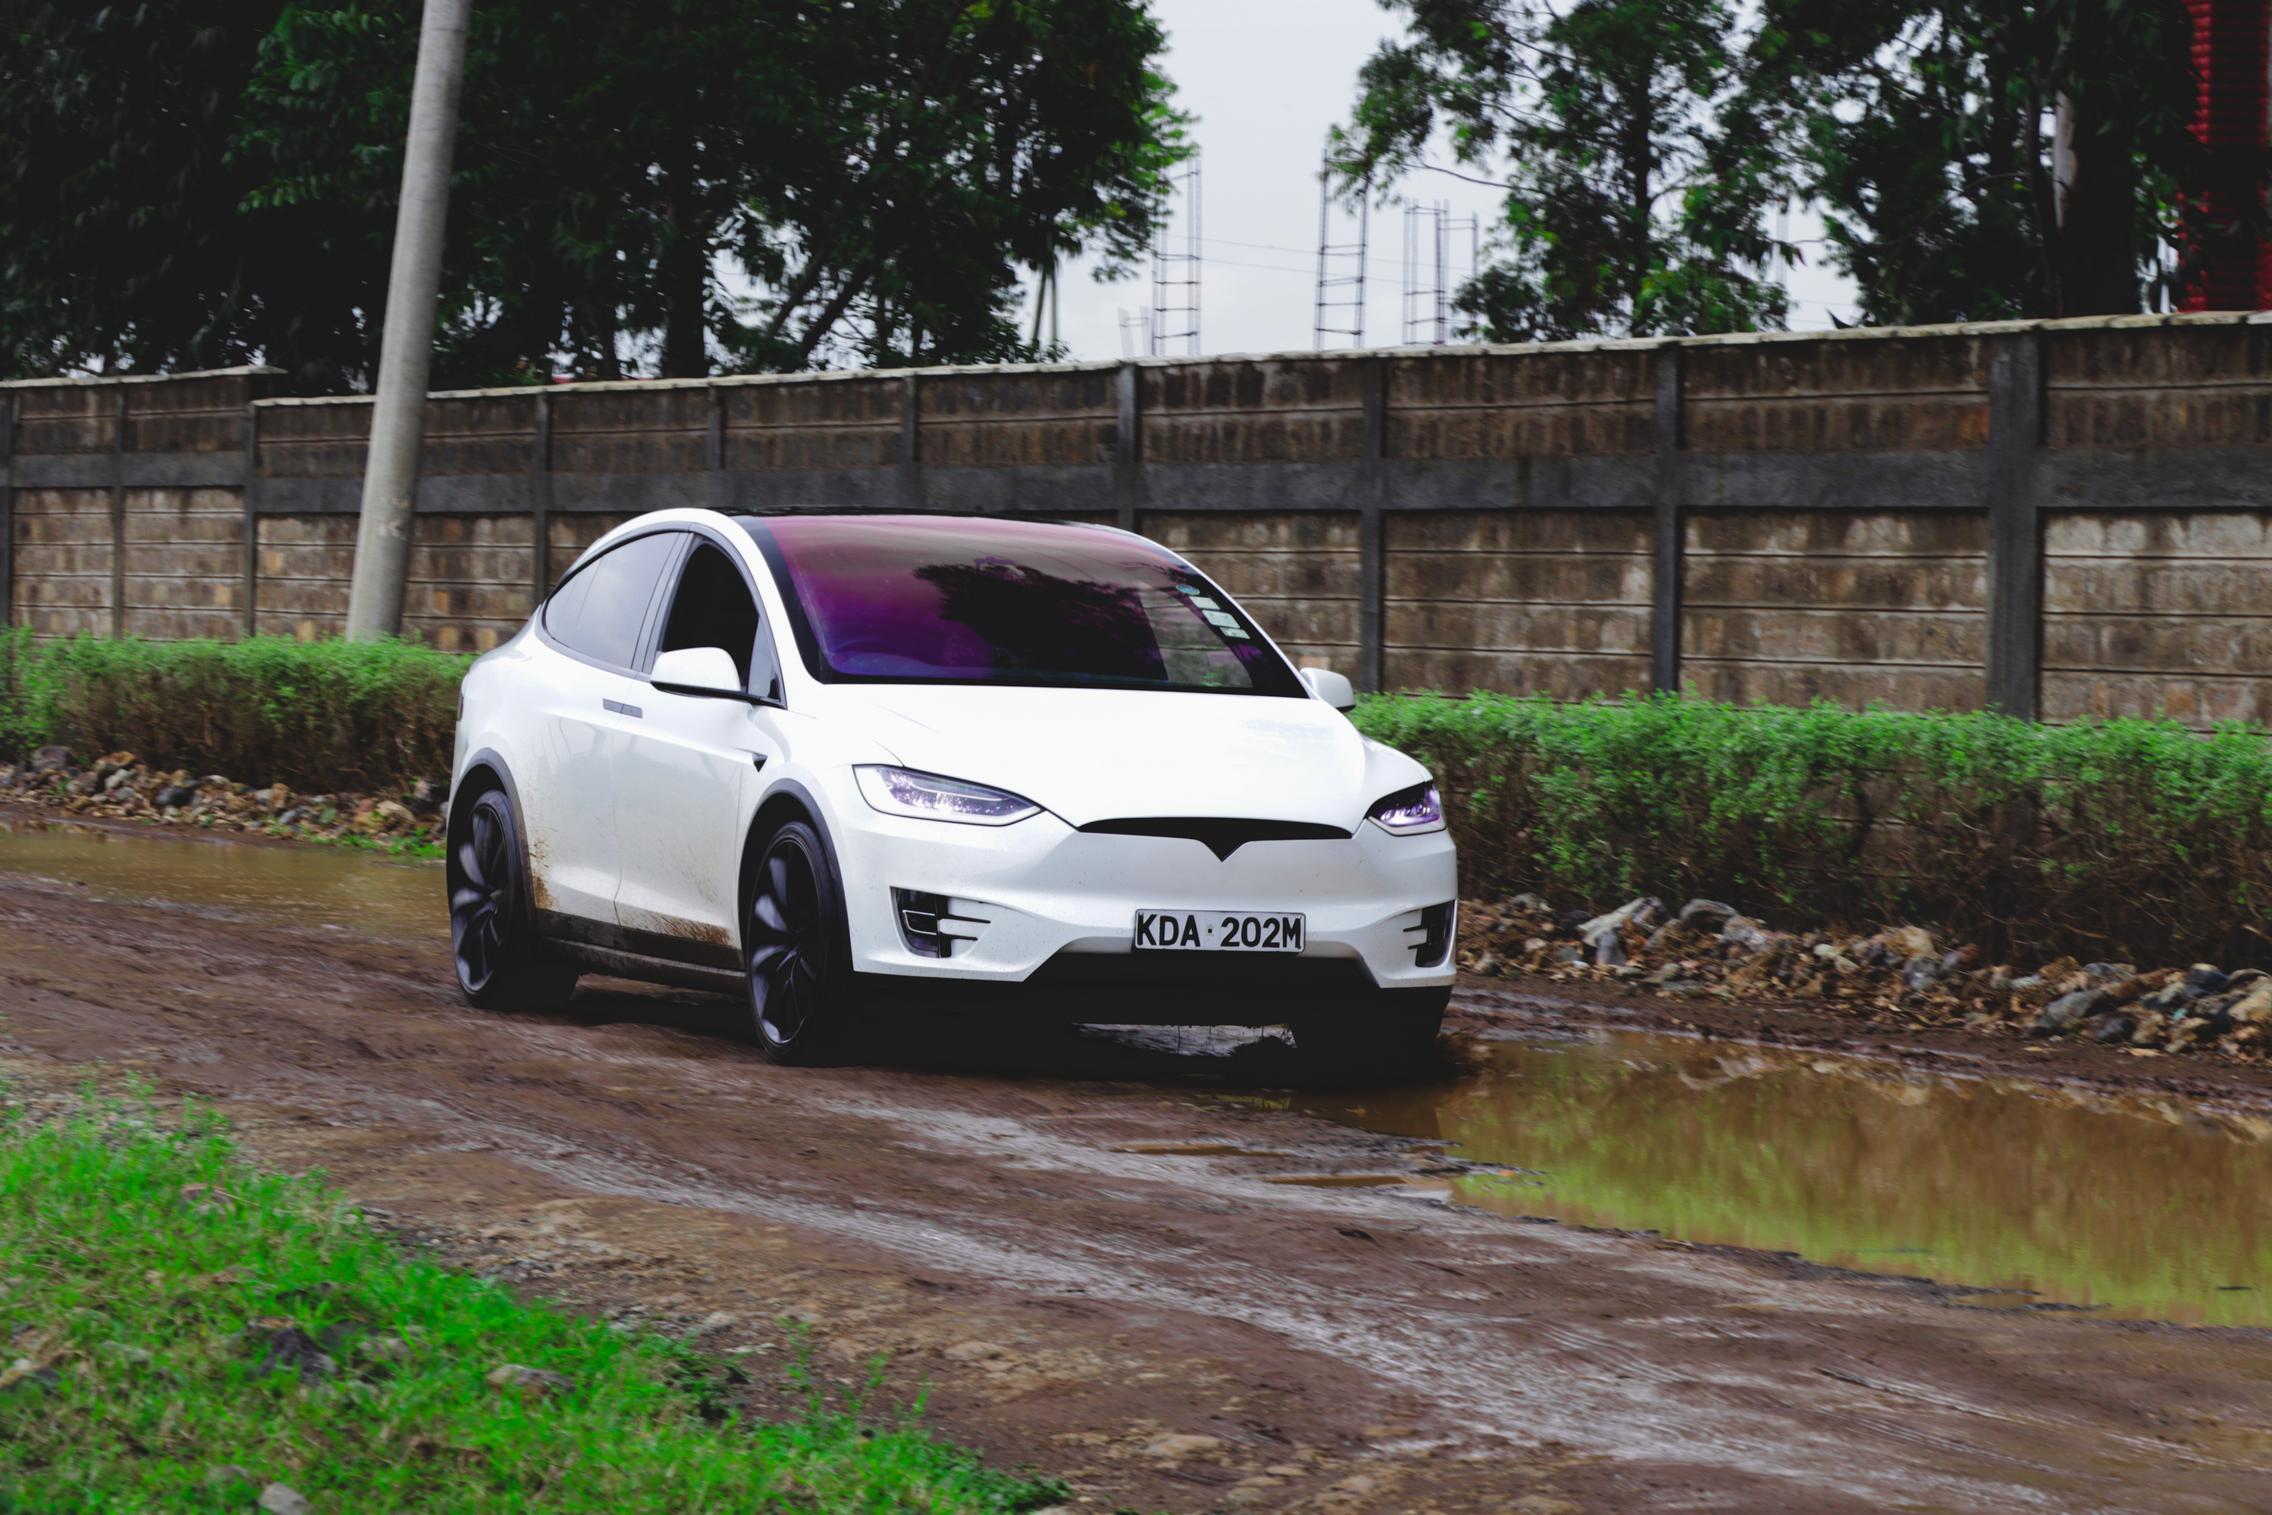 Telsa Model X AWD